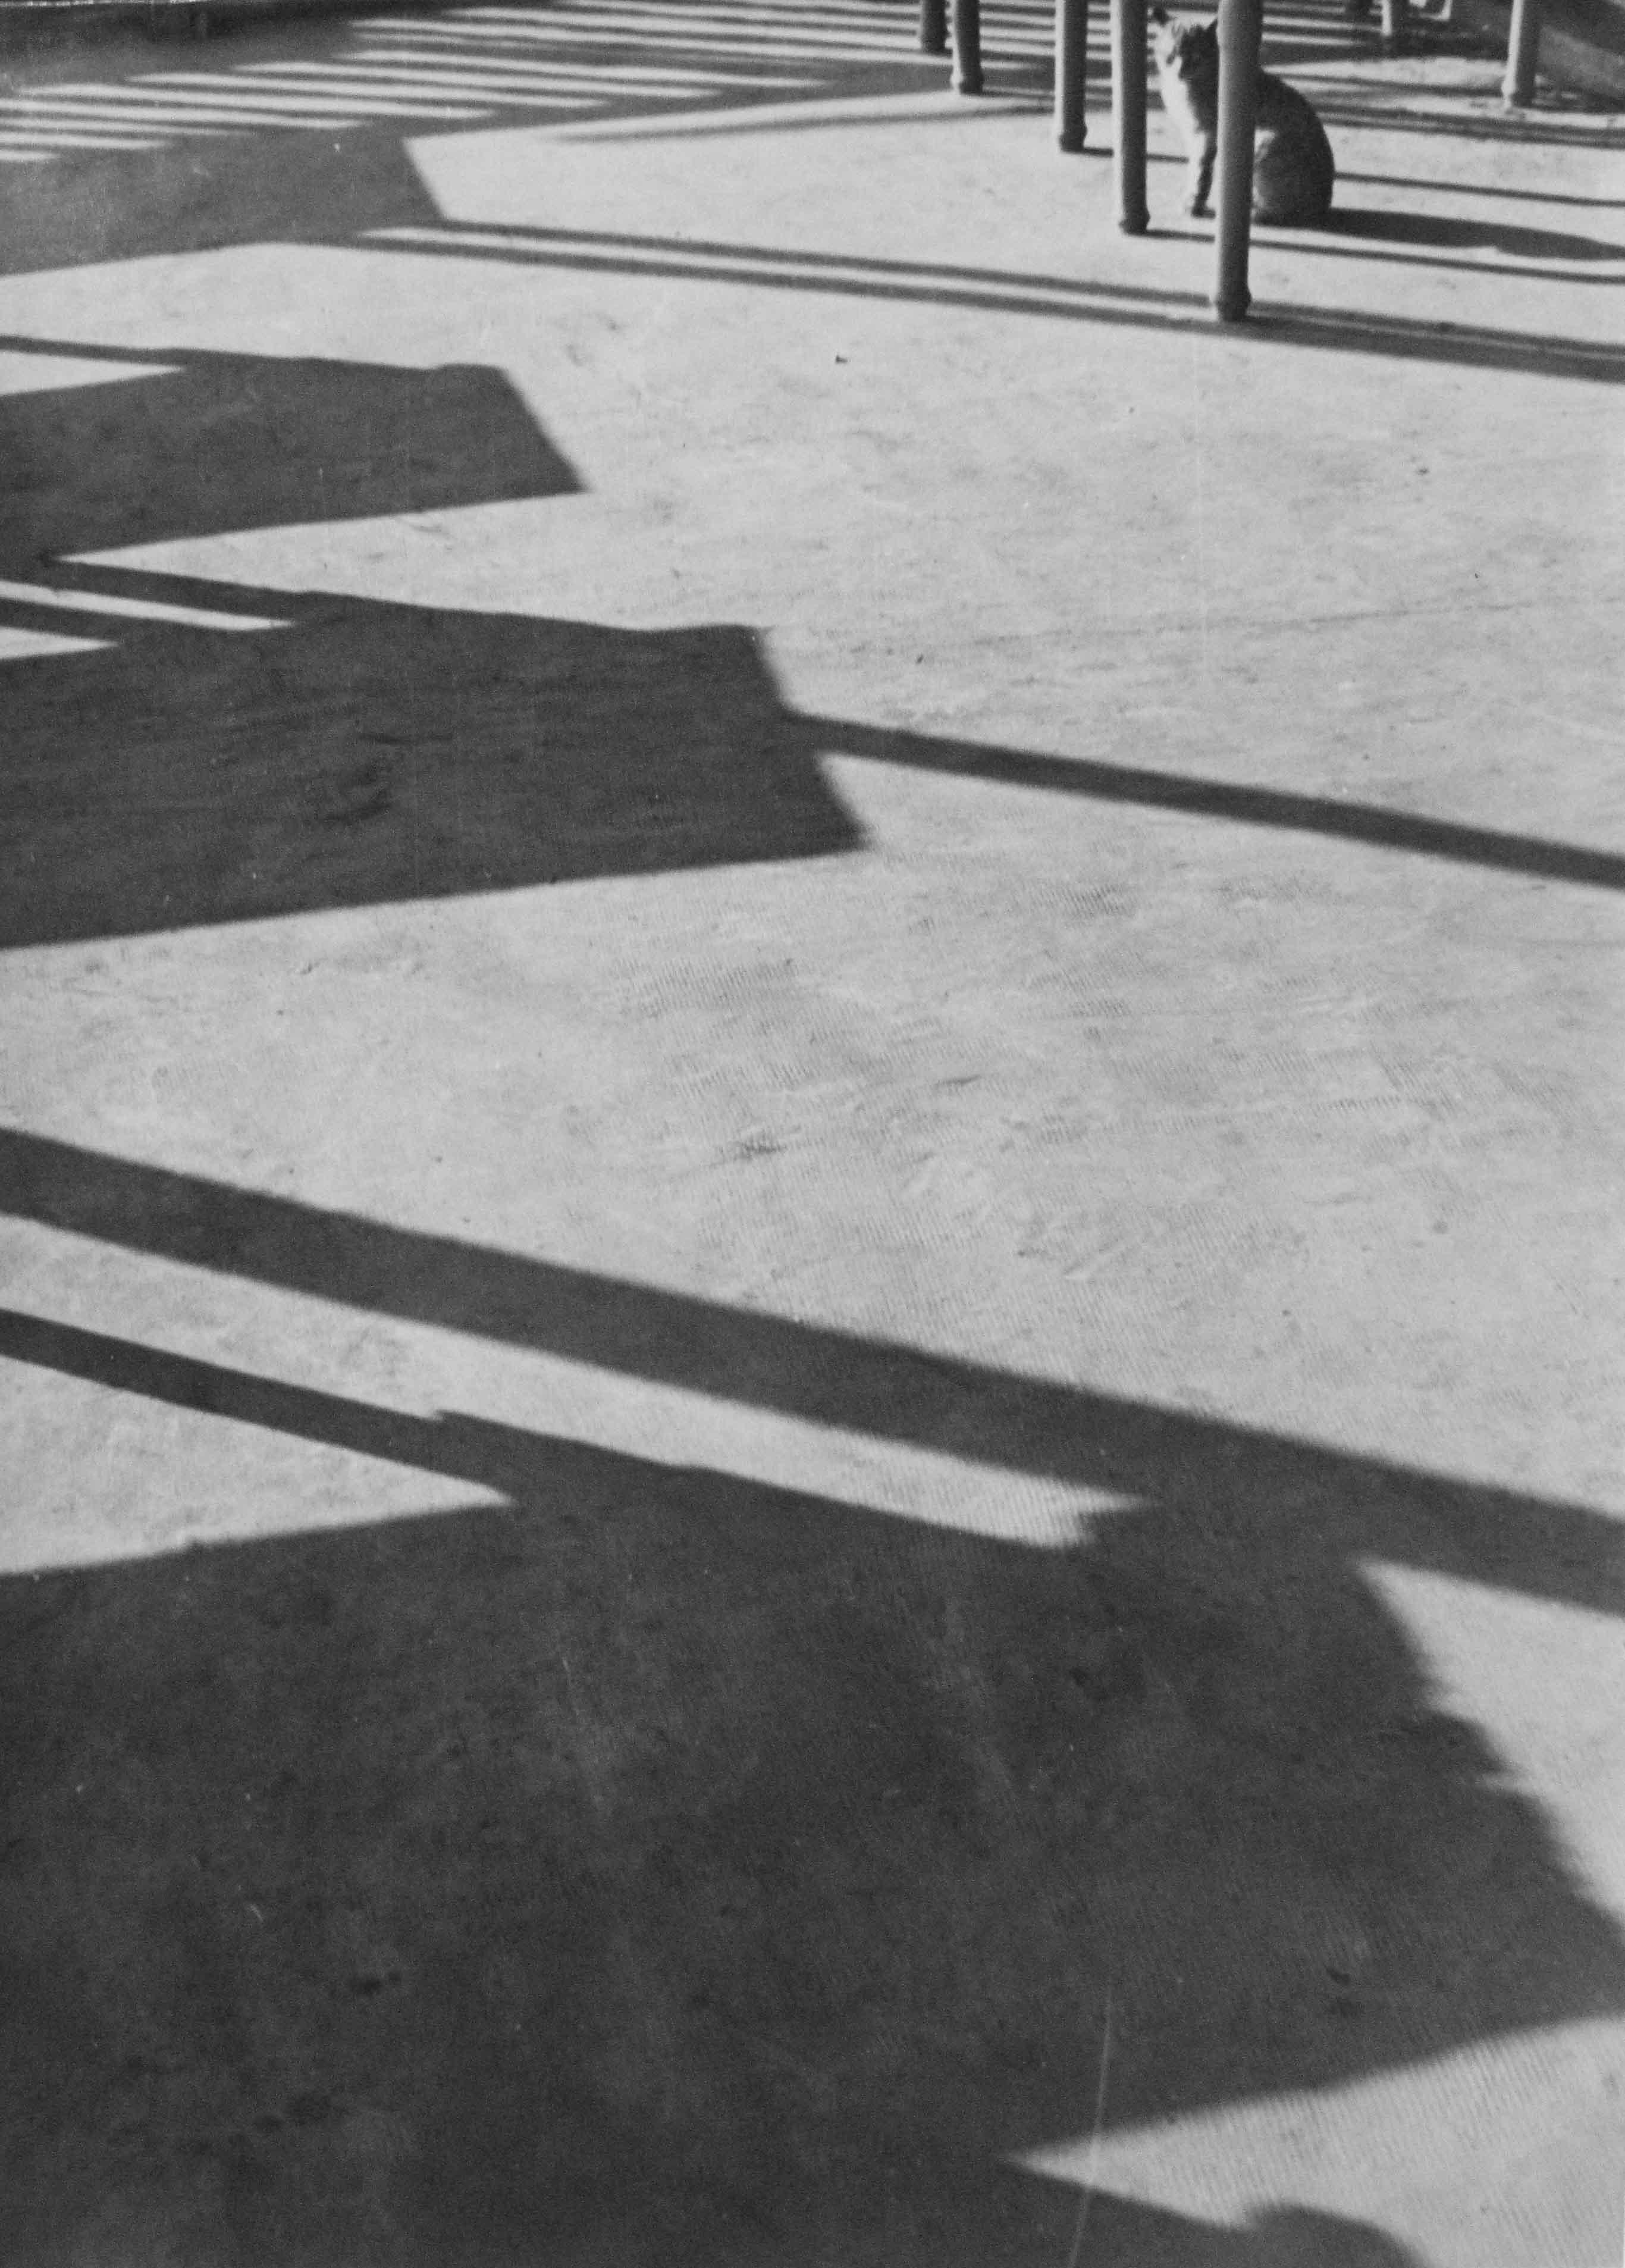 Terrassa, 1953<br/>Gelatina de plata / Silver gelatin